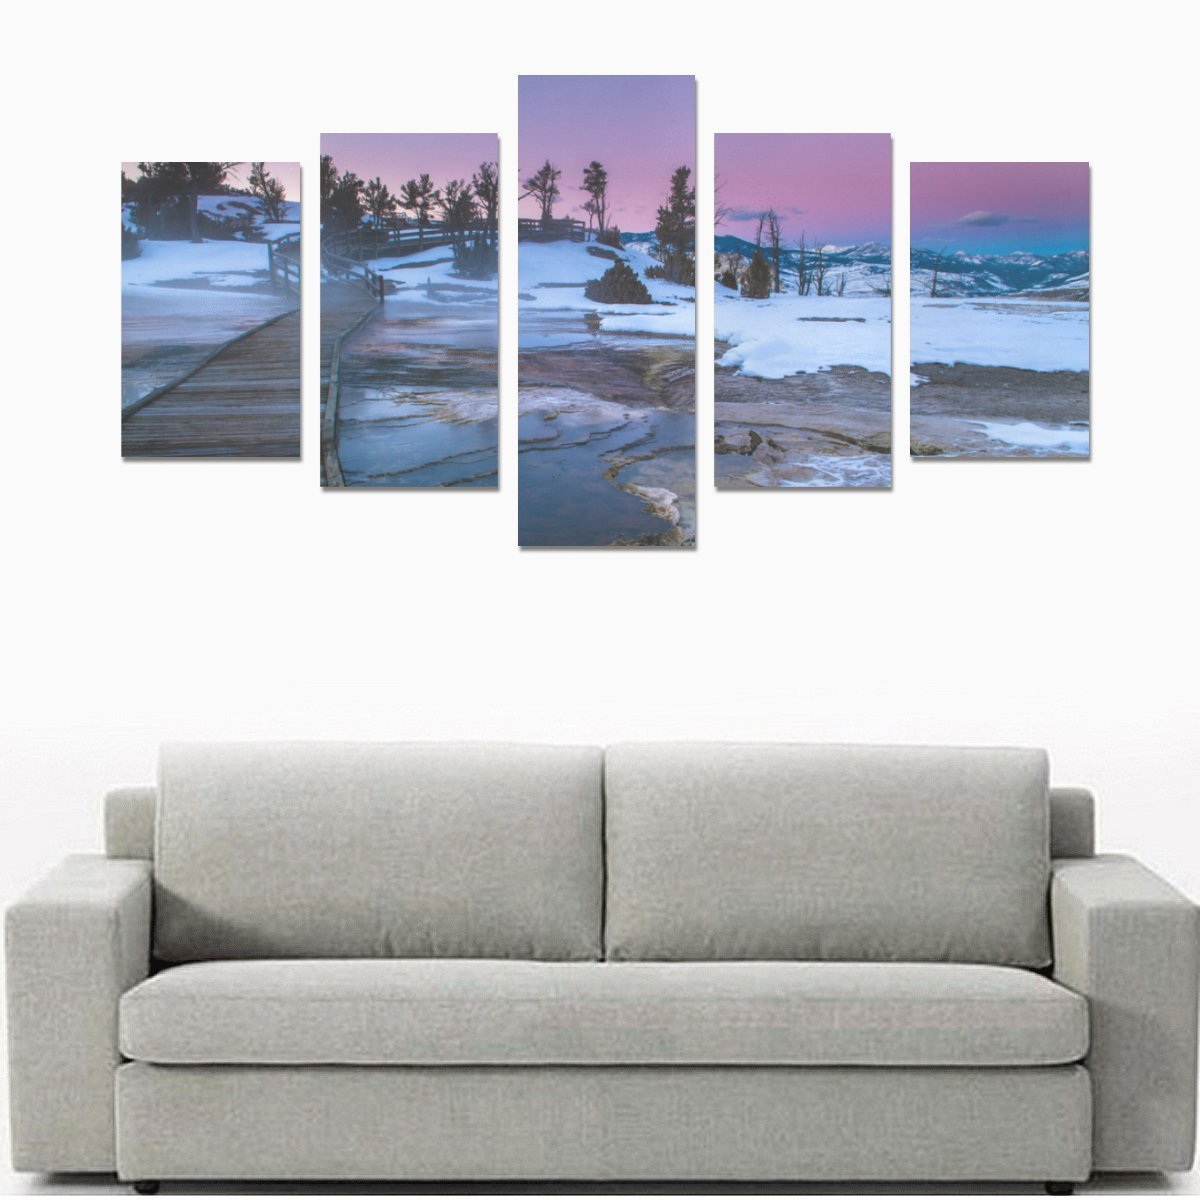 イエローストーン国立公園印刷5ピース壁アートペイントプリントキャンバスホーム装飾リビングルームキッチンの装飾( 12 x 20inch 2個、12 x 23inch 2個、12 x 31inch 1pc )   B0788RZ7X5